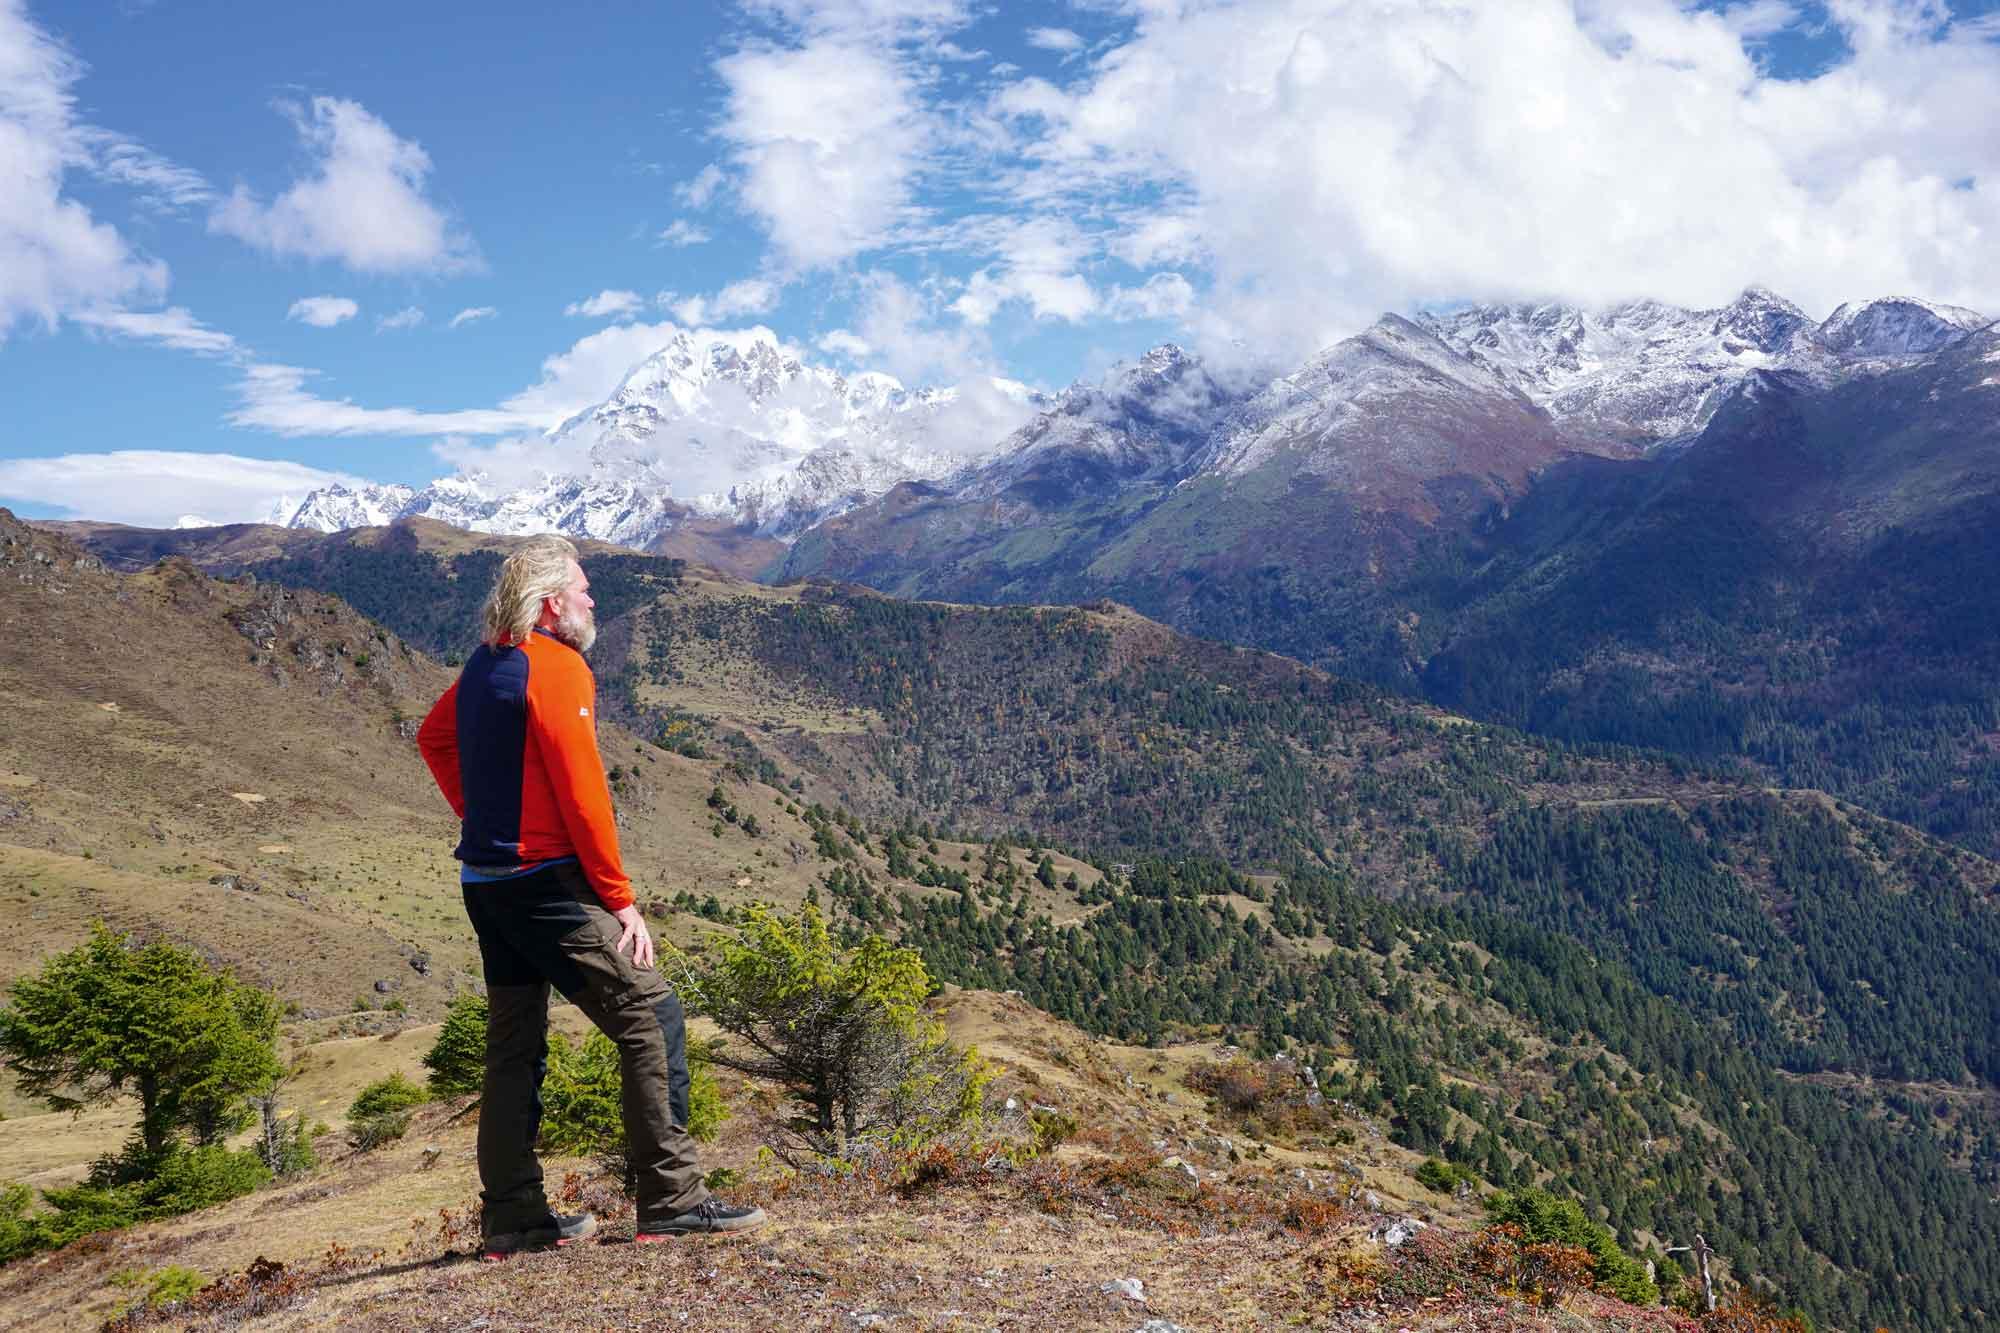 Das Dorf Laya ist eines der am höchsten gelegenen Dörfer in Bhutan, deren Einwohner Halbnomaden sind. Laya liegt unweit der Grenze zu Tibet und ist umgeben von den mächtigen Eisriesen des Himalayas, wie dem 7.194 m hohen Masagang © Knut Seibel